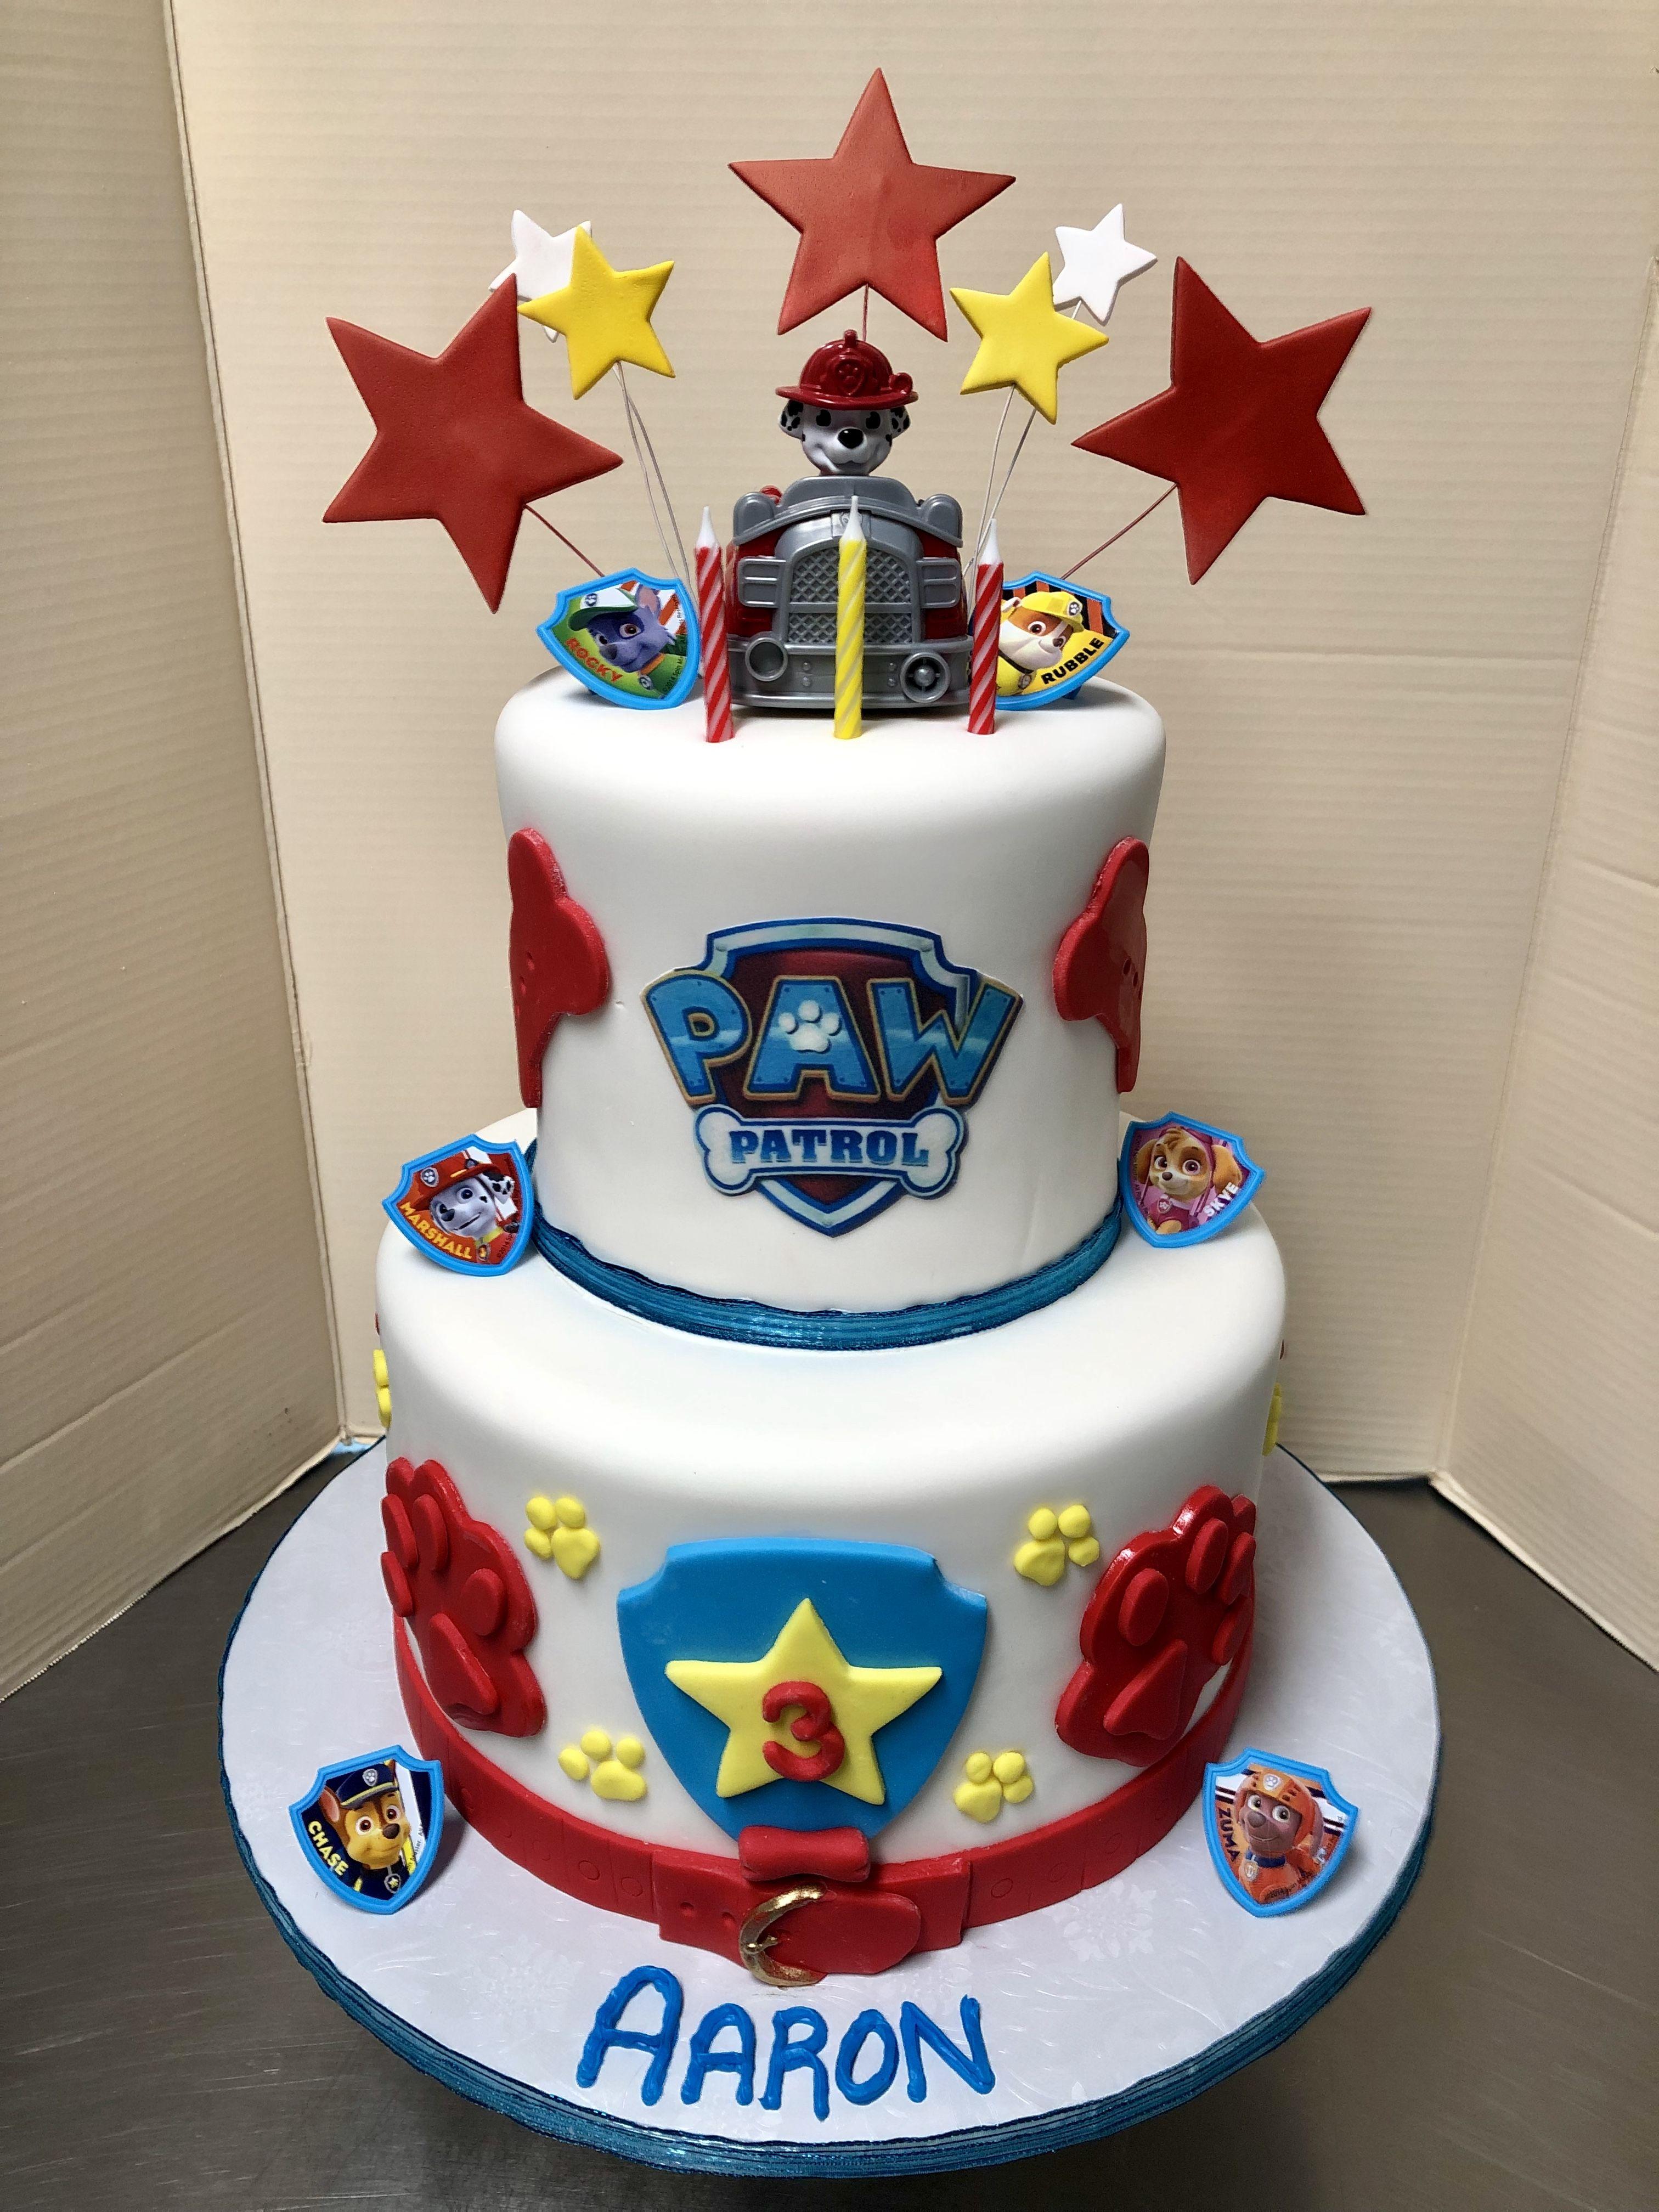 Paw Patrol 3rd Birthday Cake 3rd birthday cakes, Cake